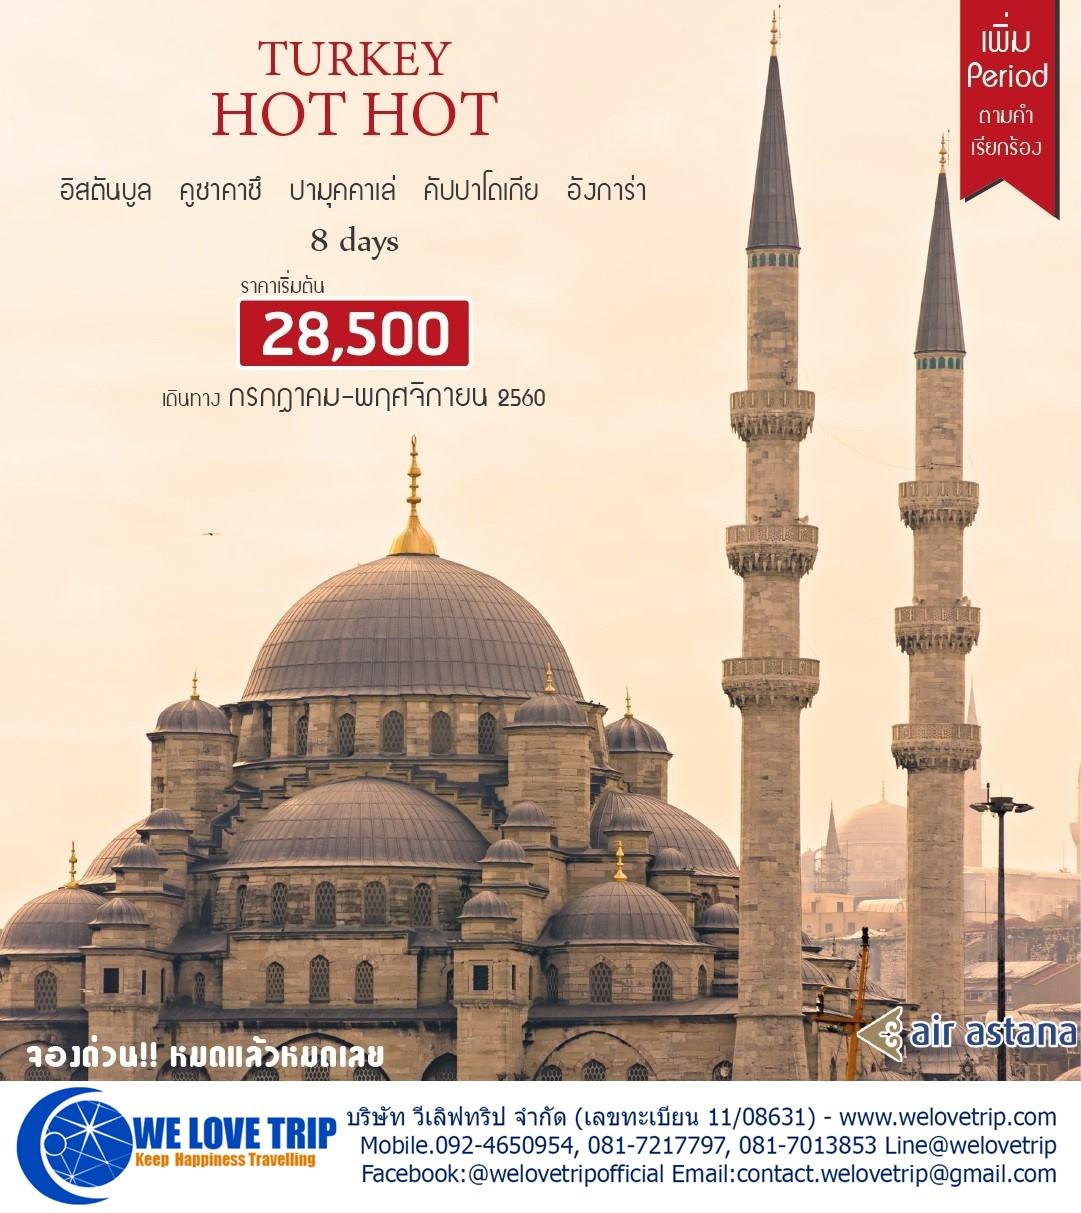 TURKEY HOT HOT 8วัน 6คืน (วันนี้-พ.ย)